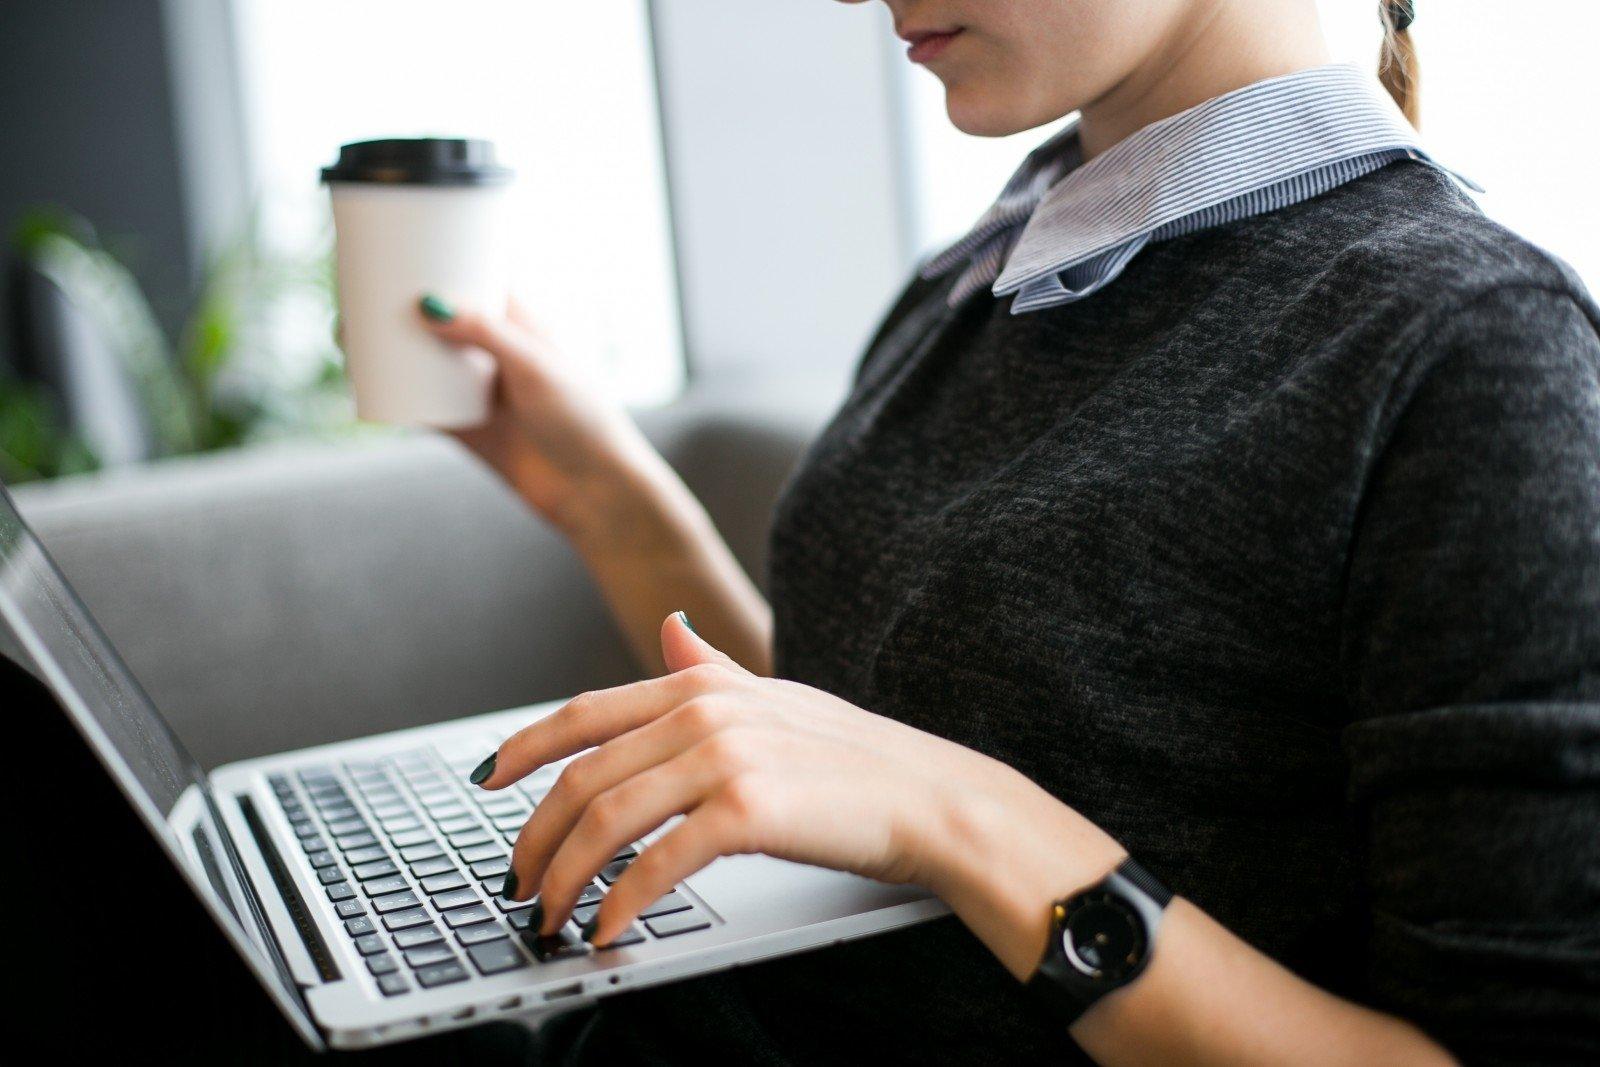 darbas namuose kompiuteriu skelbimai | logopedeskabinetas.lt - nemokami skelbimai